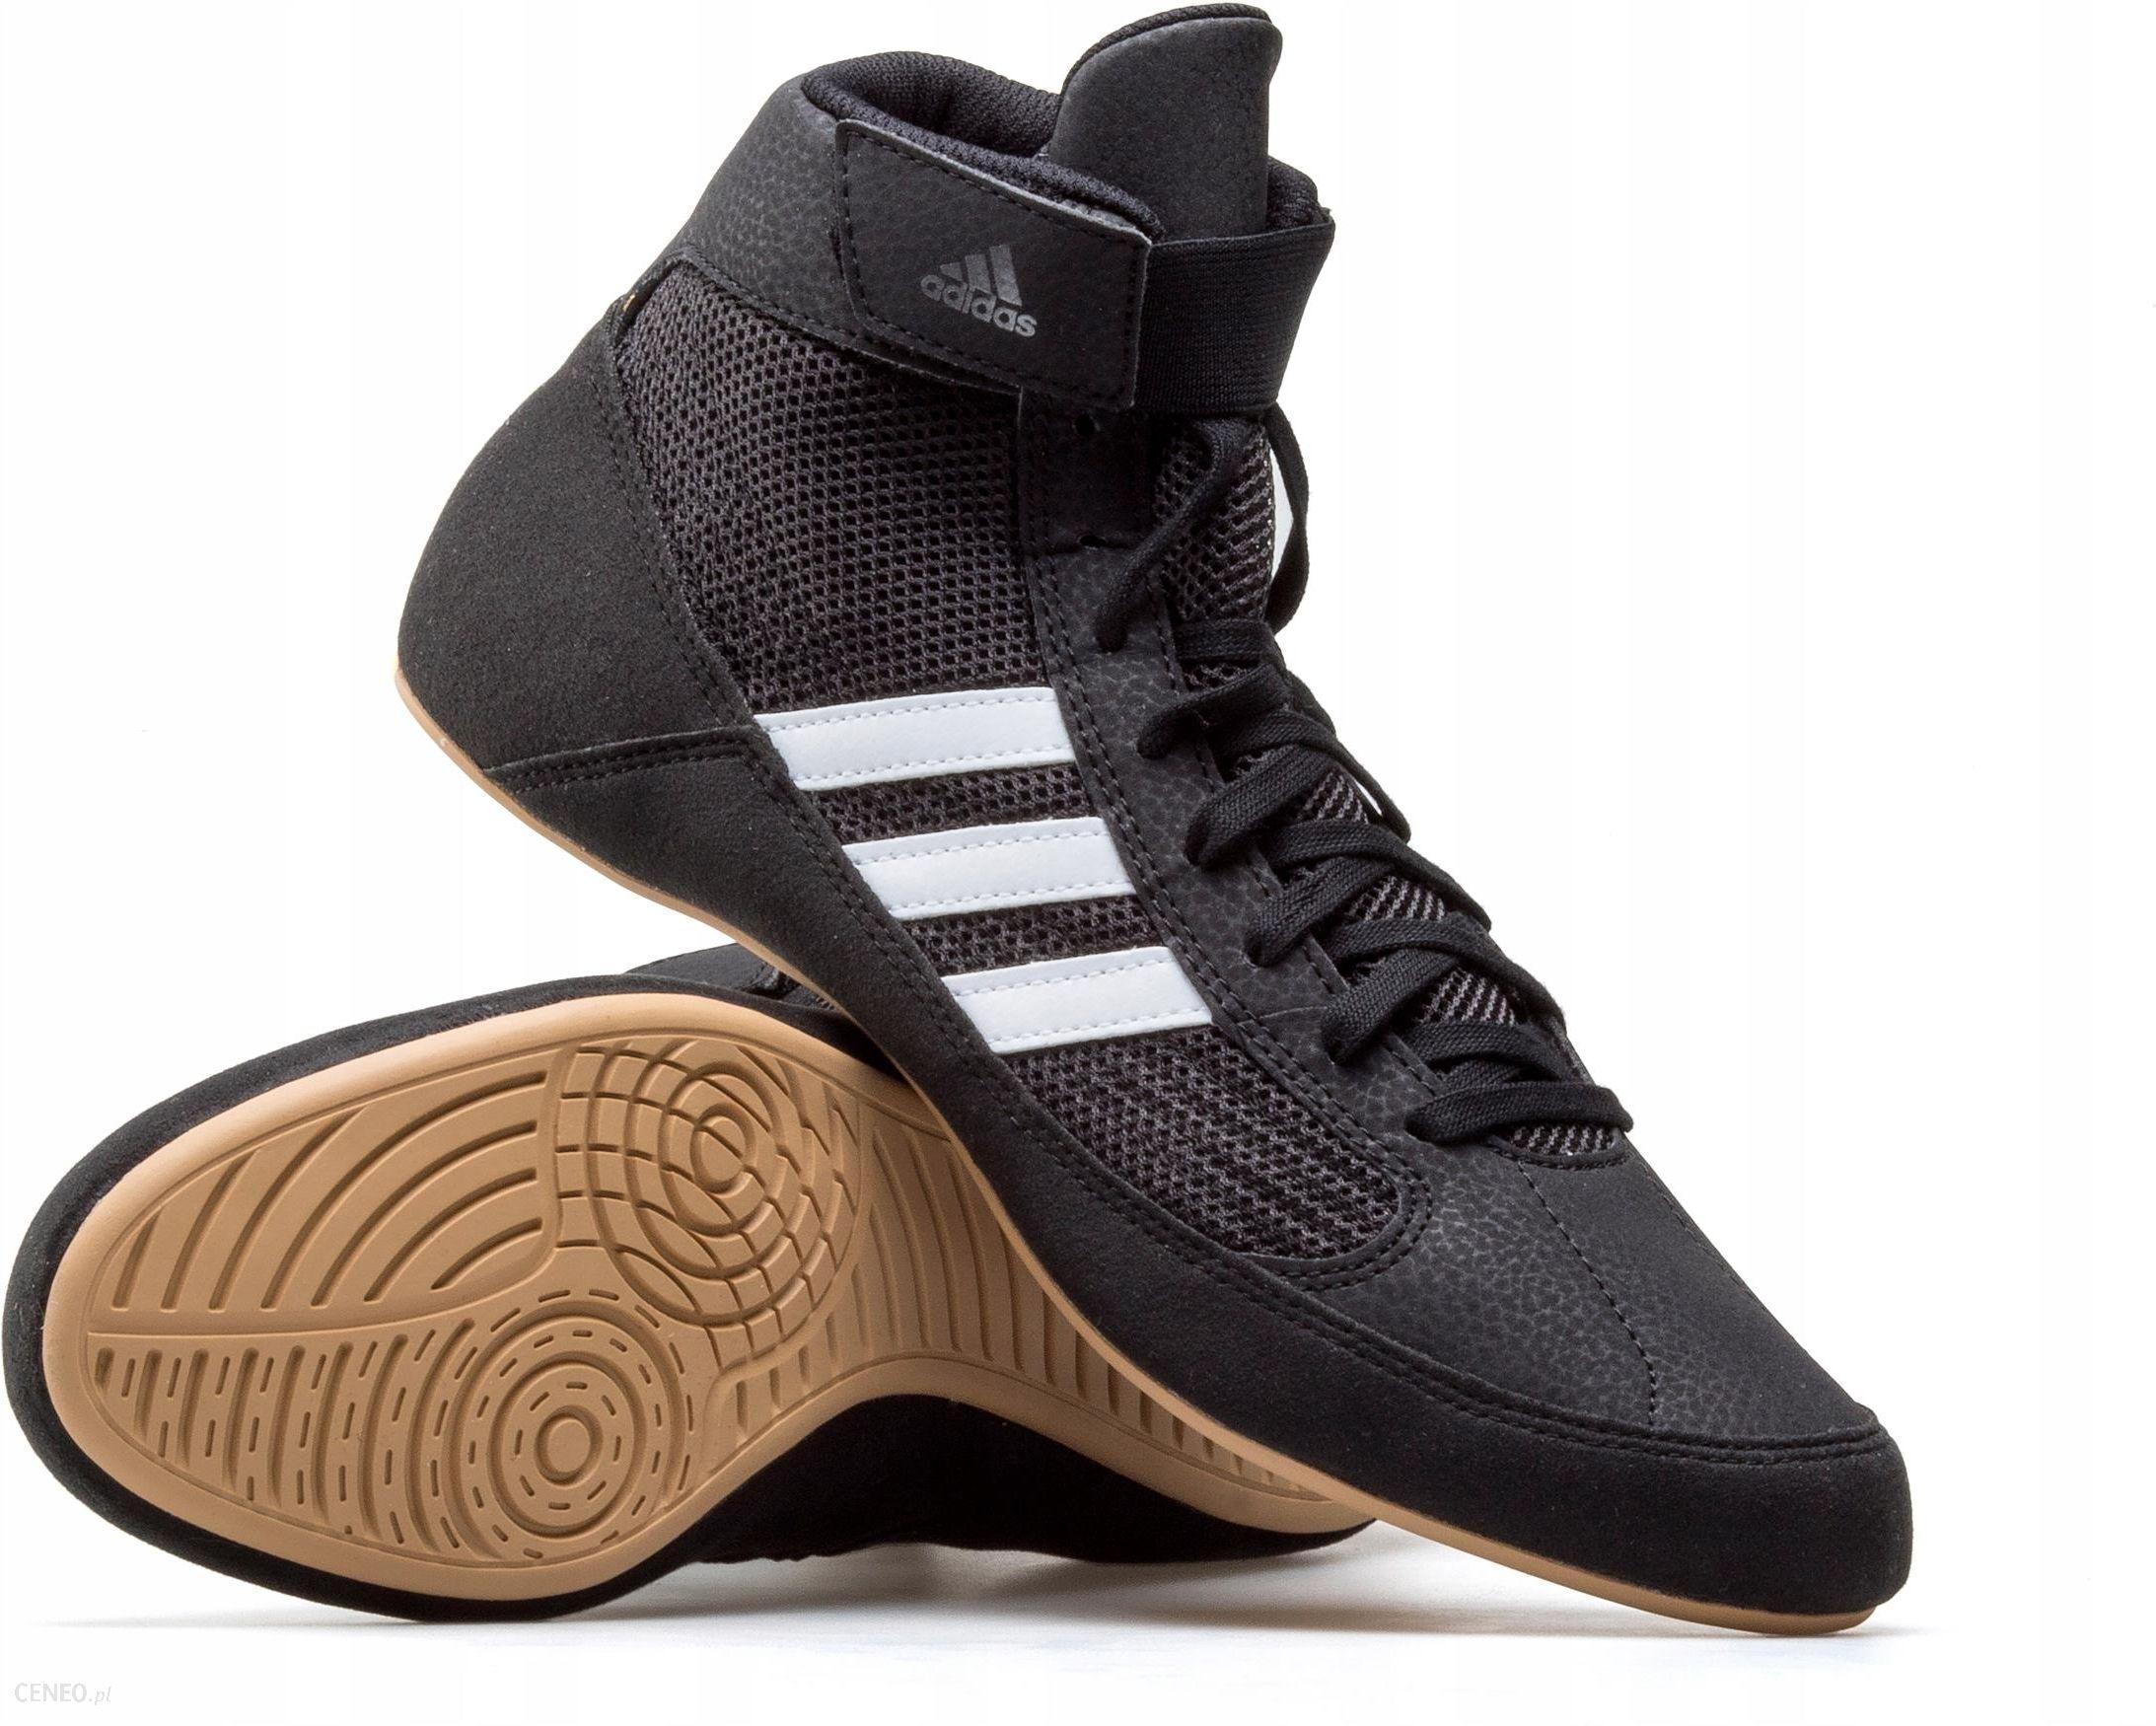 Buty zapa?nicze adidas HAVOC AQ3325 MMA r. 42